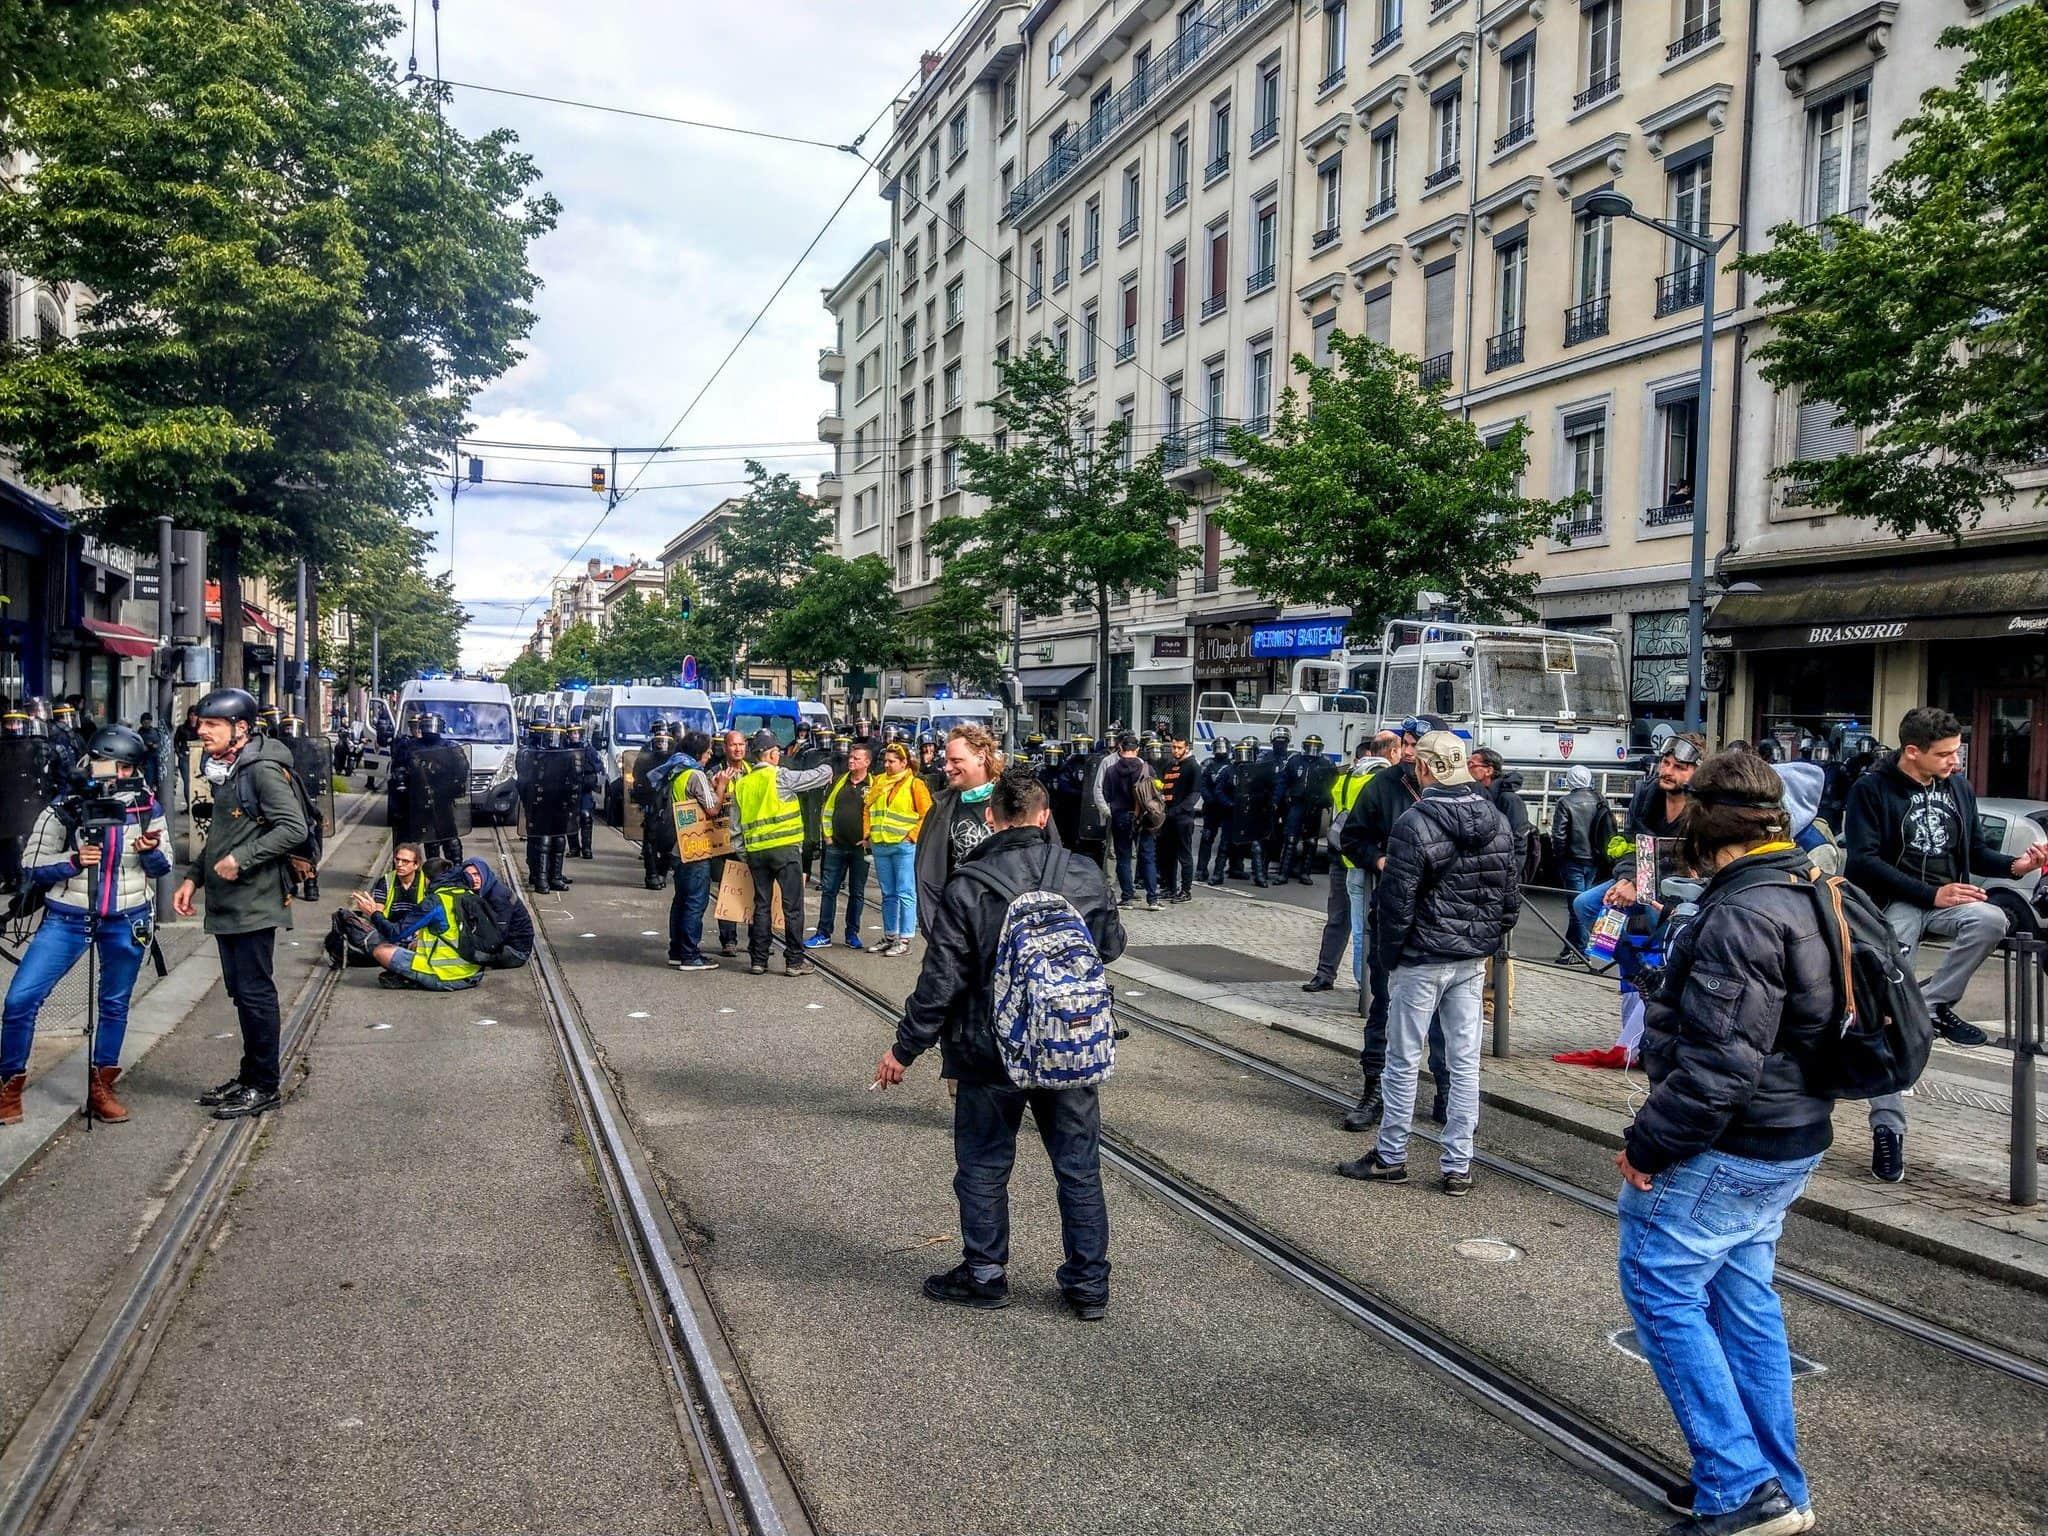 La police bloque l'avenue Berthelot que devait pourtant emprunter la manifestation déclarée. ©NM/Rue89Lyon